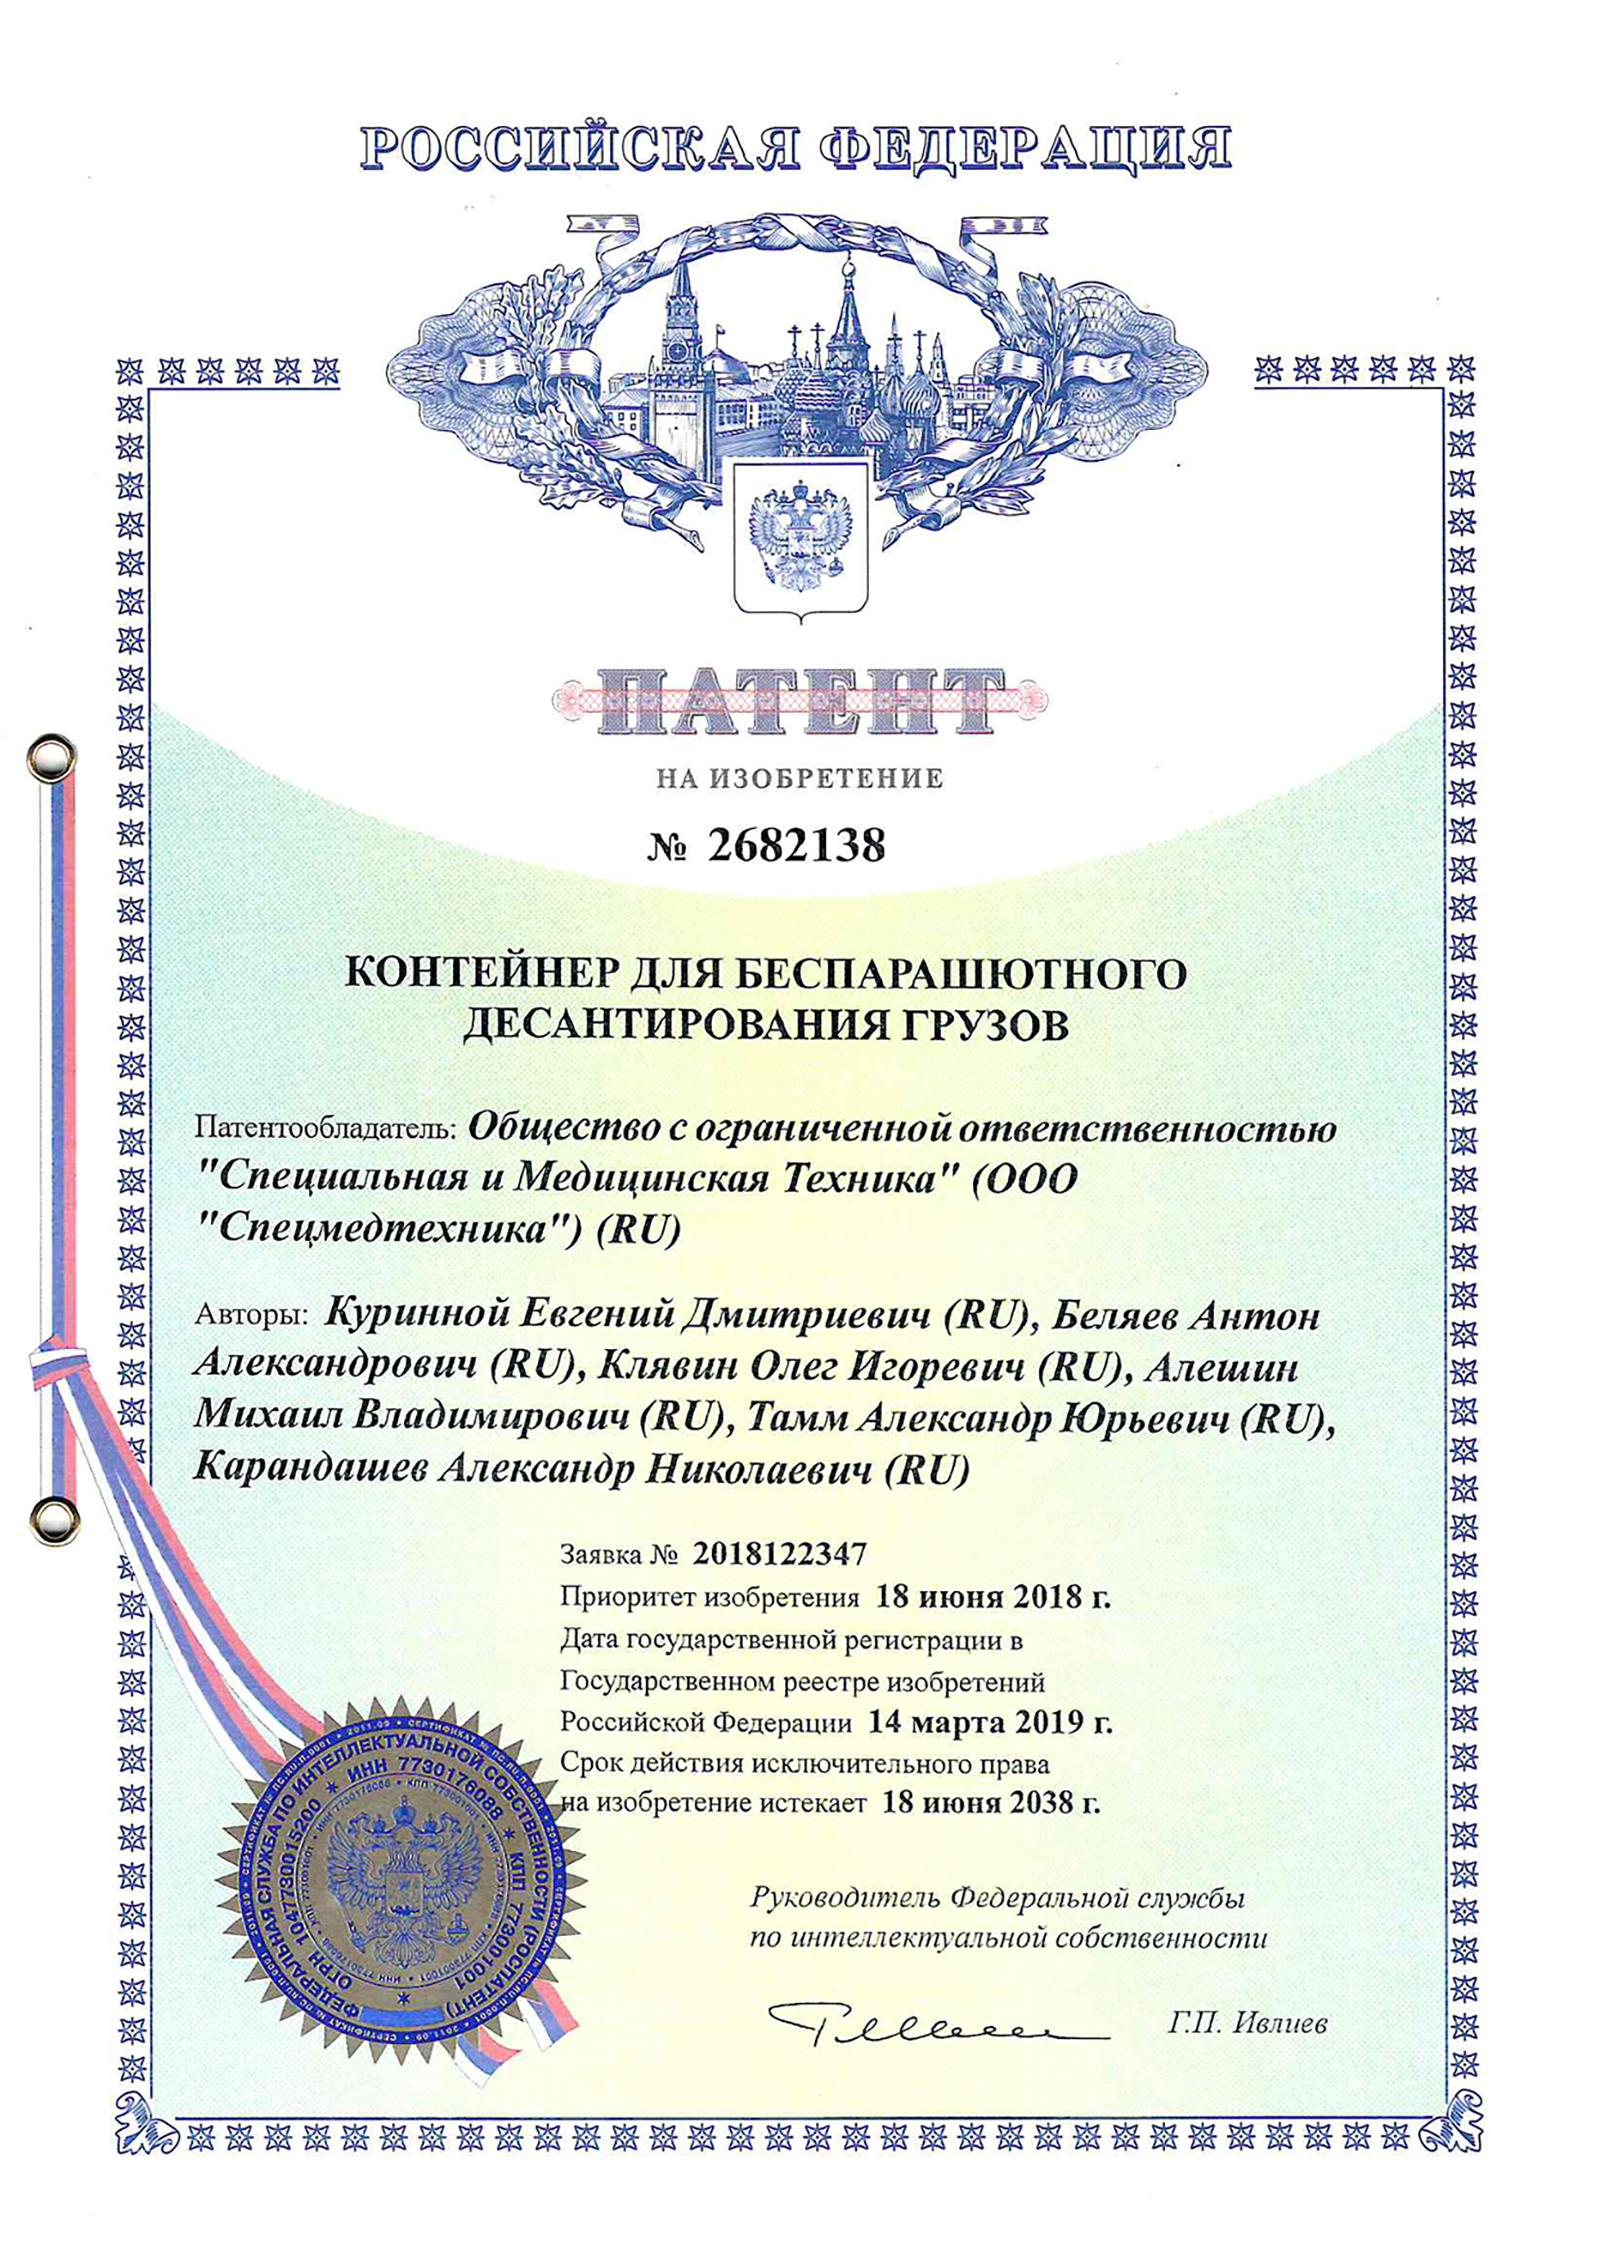 Патент на изобретение 2682138